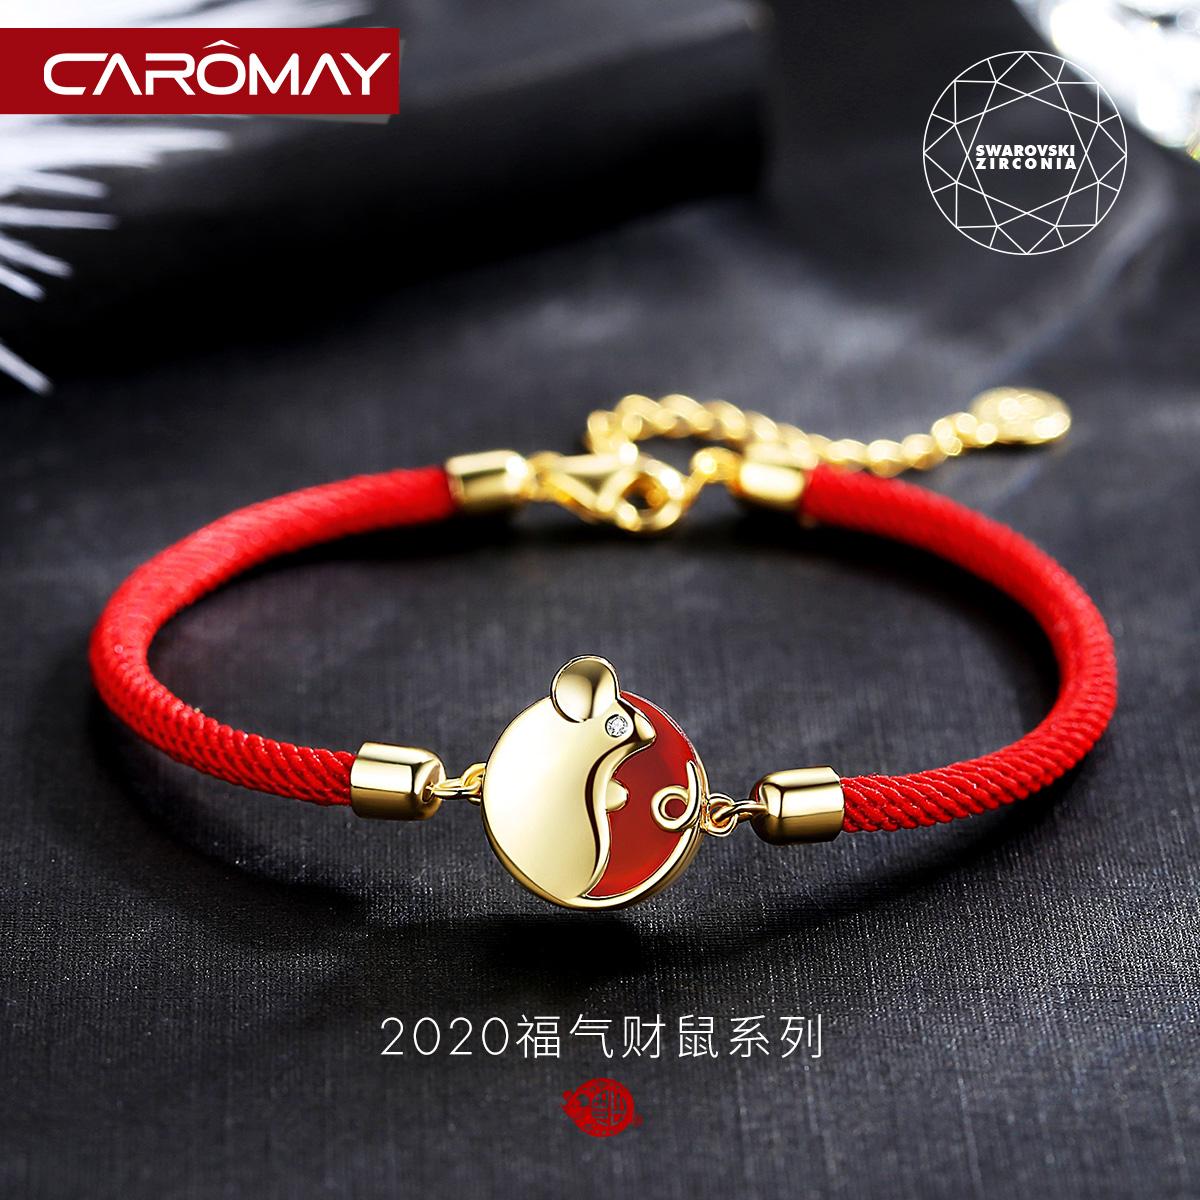 本命年鼠年红绳福鼠手链女编织红色手绳闺蜜情侣原创生肖礼物饰品